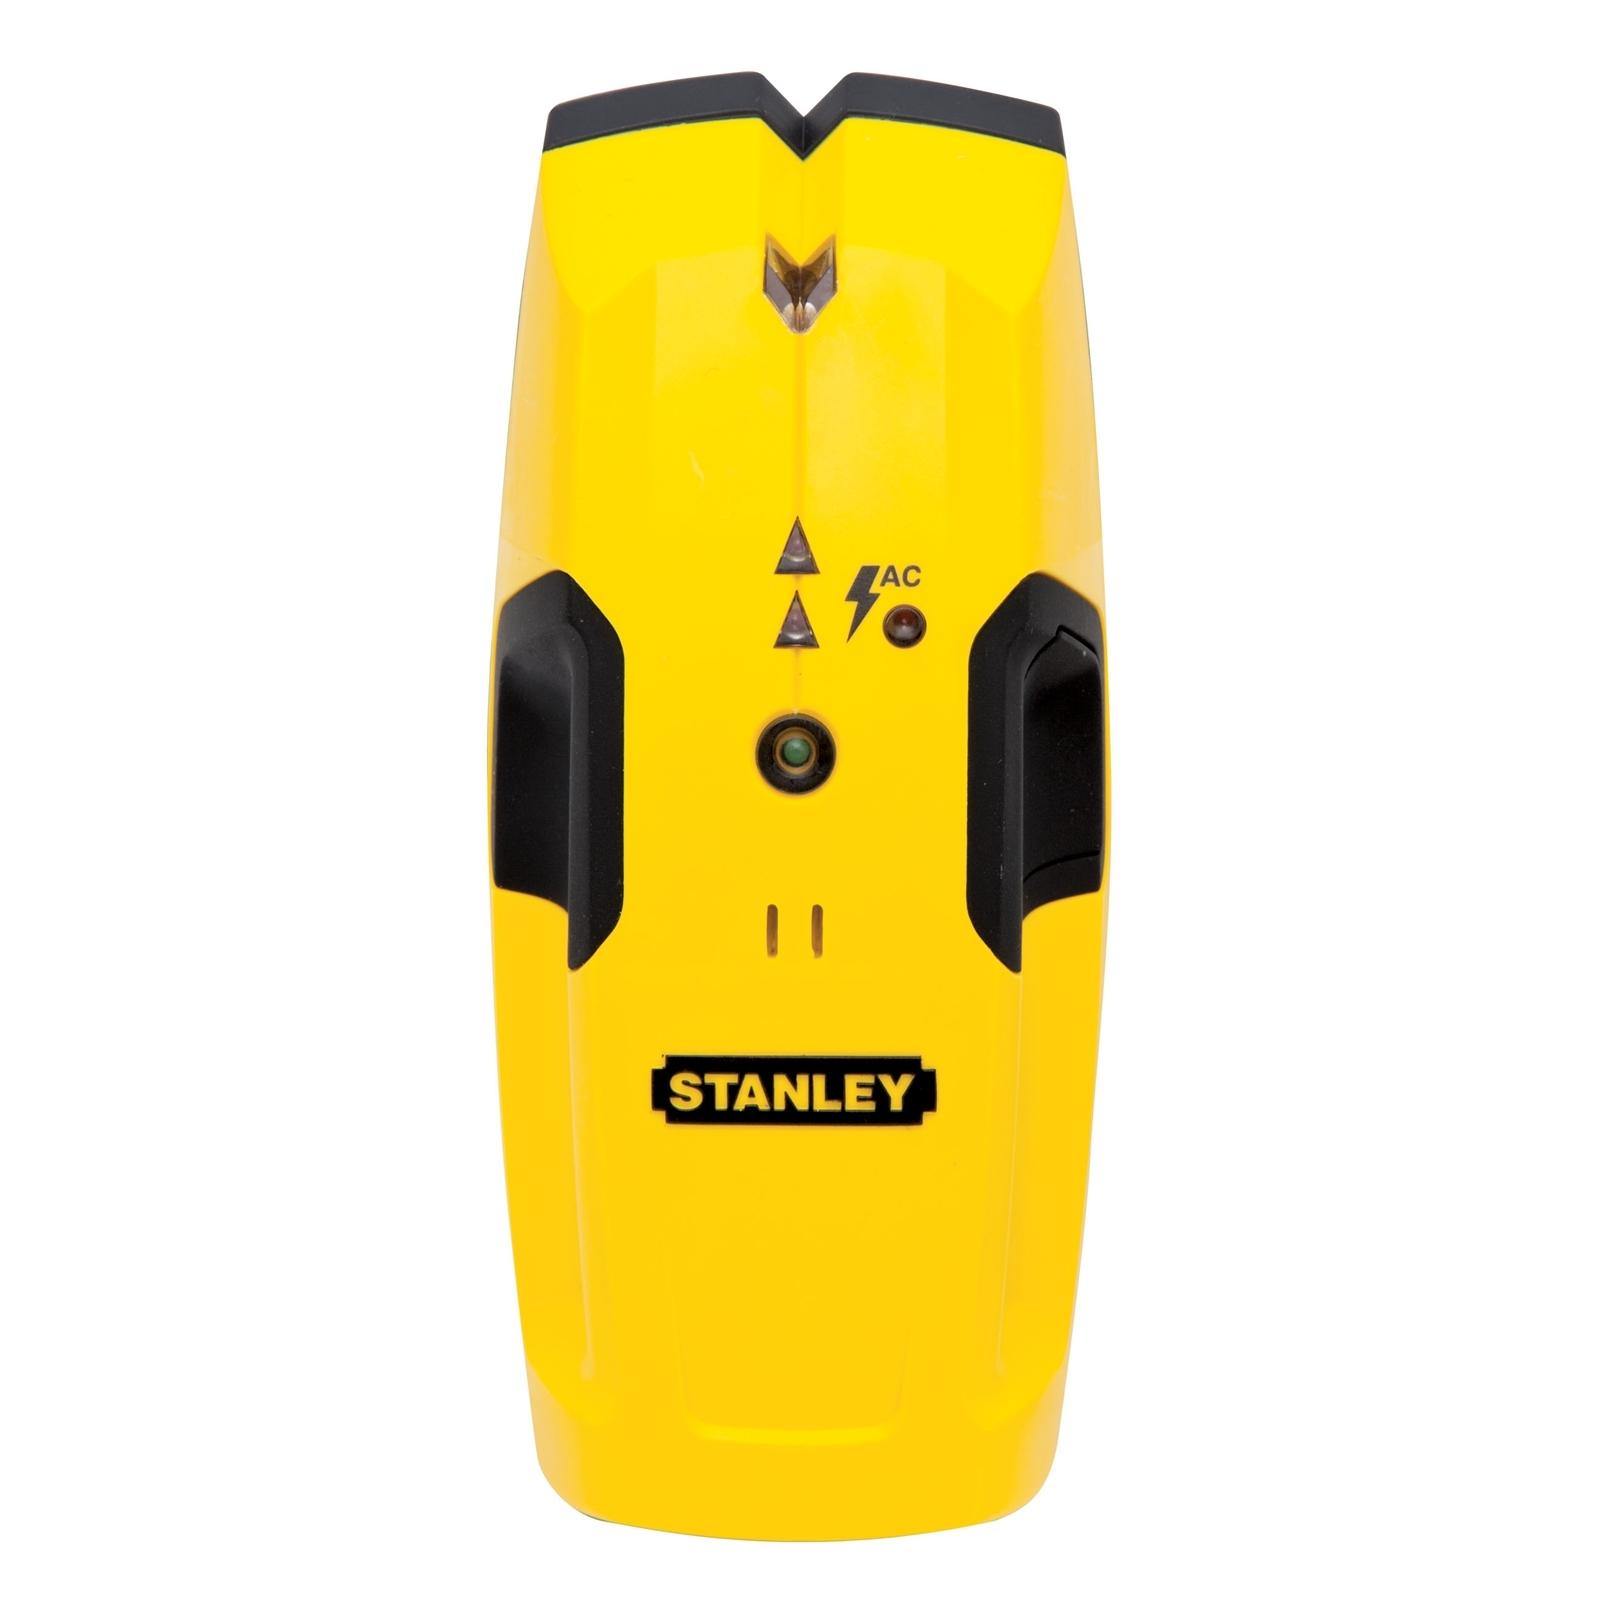 Stanley S100 Stud Sensor